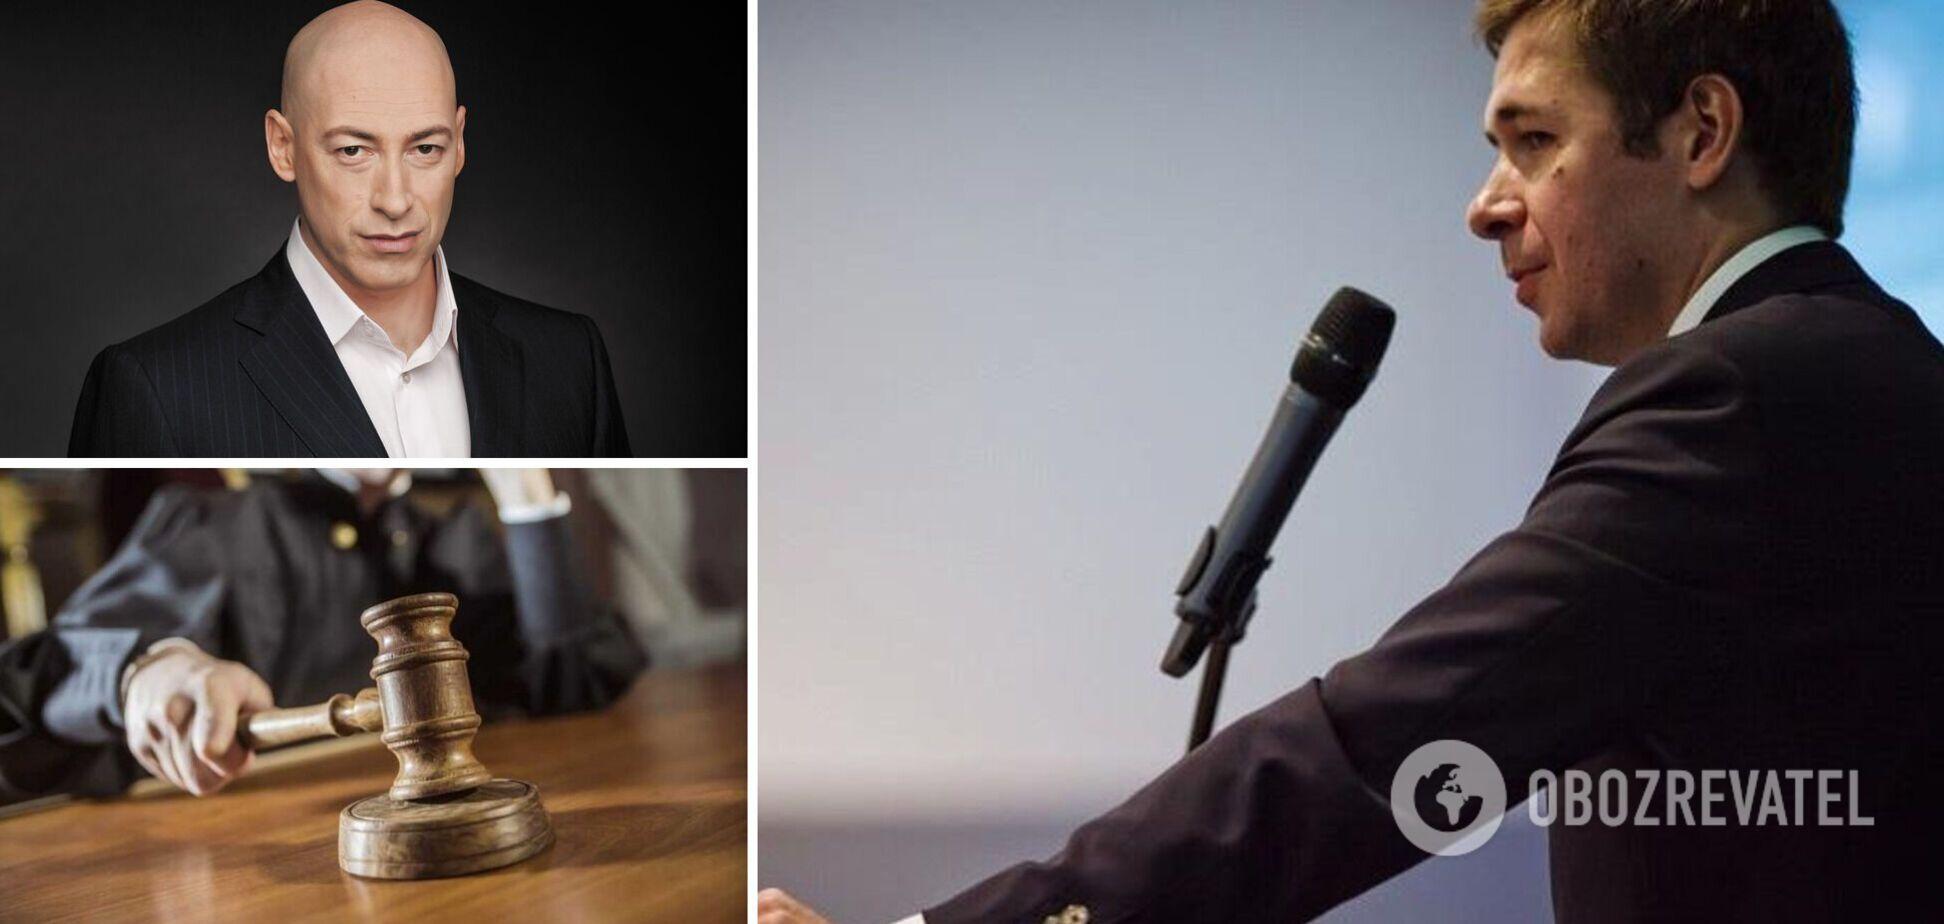 Новиков сообщил, что Гордон не смог предоставить доказательства своих слов о Порошенко